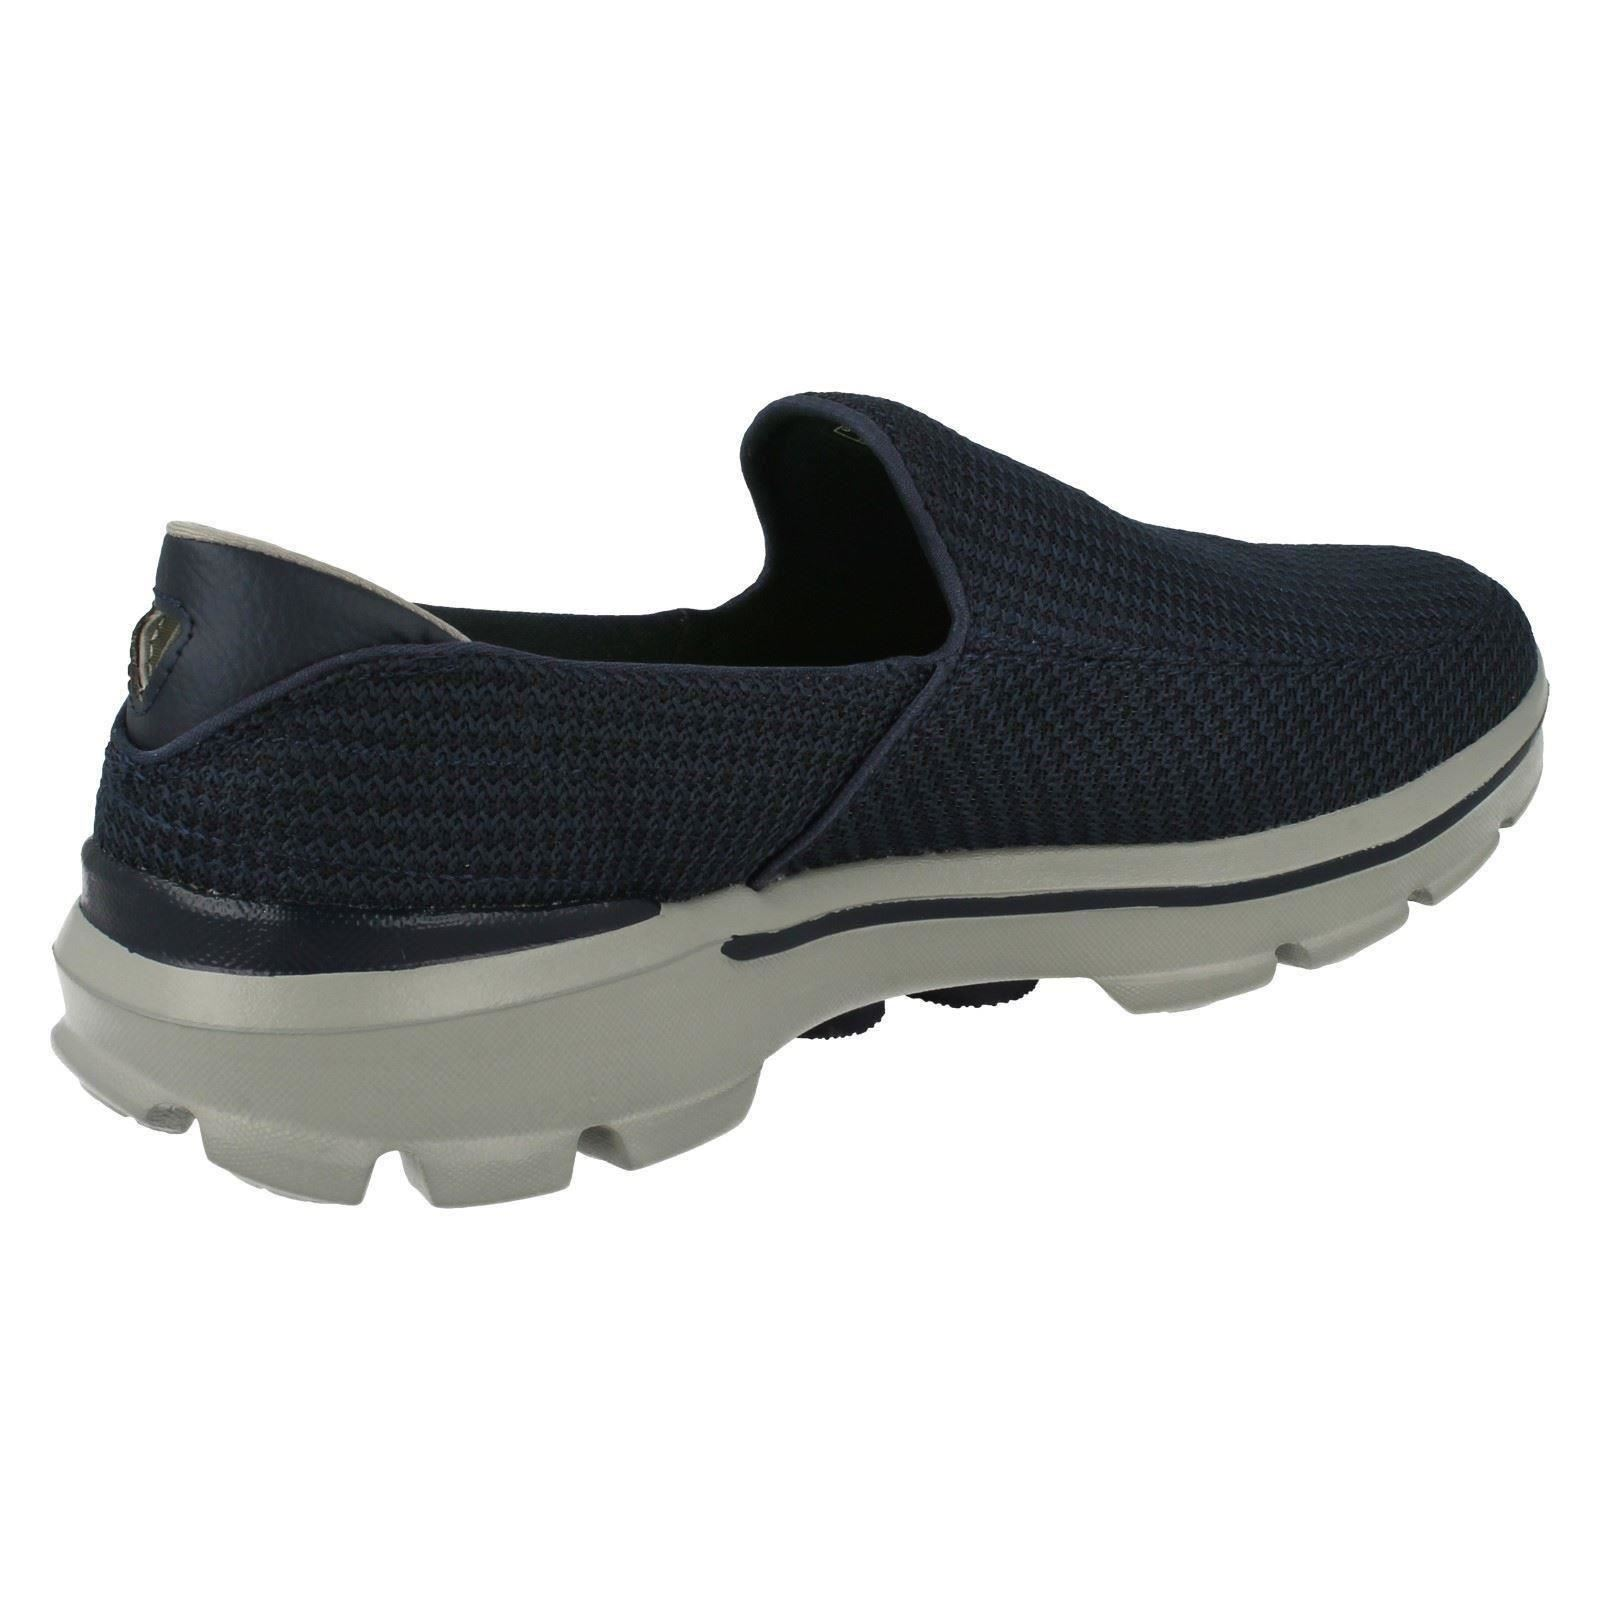 Skechers Pompe Pompe Pompe Casual Da Uomo-GO Walk 3 53980 | Una Grande Varietà Di Merci  27b542